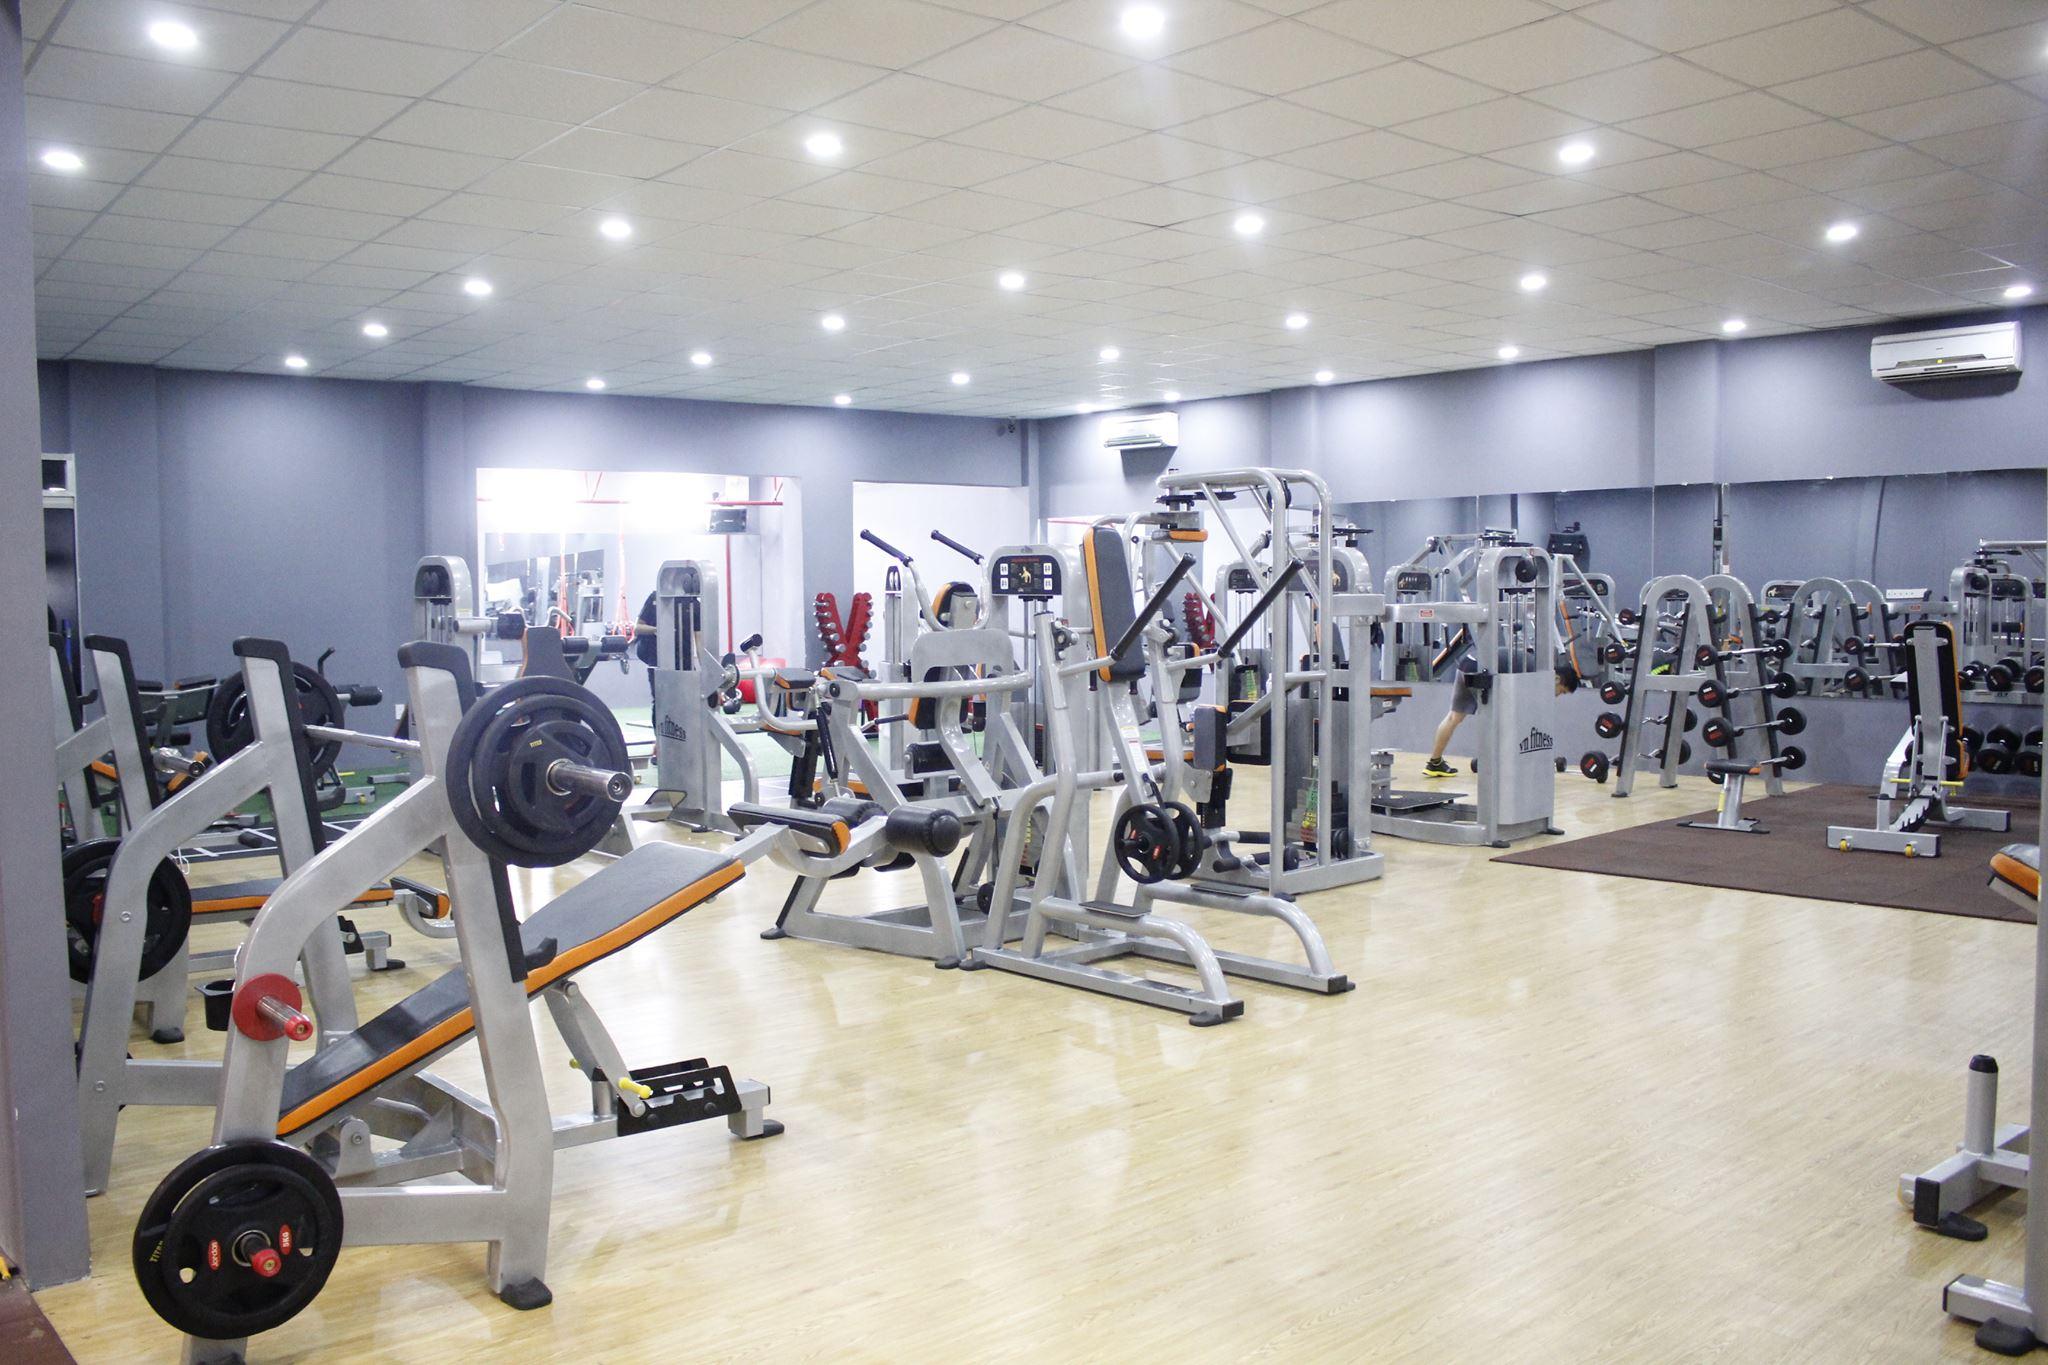 Top 10 phòng tập gym quận 8 hiệu quả, chất lượng, giá thành phù hợp - 5